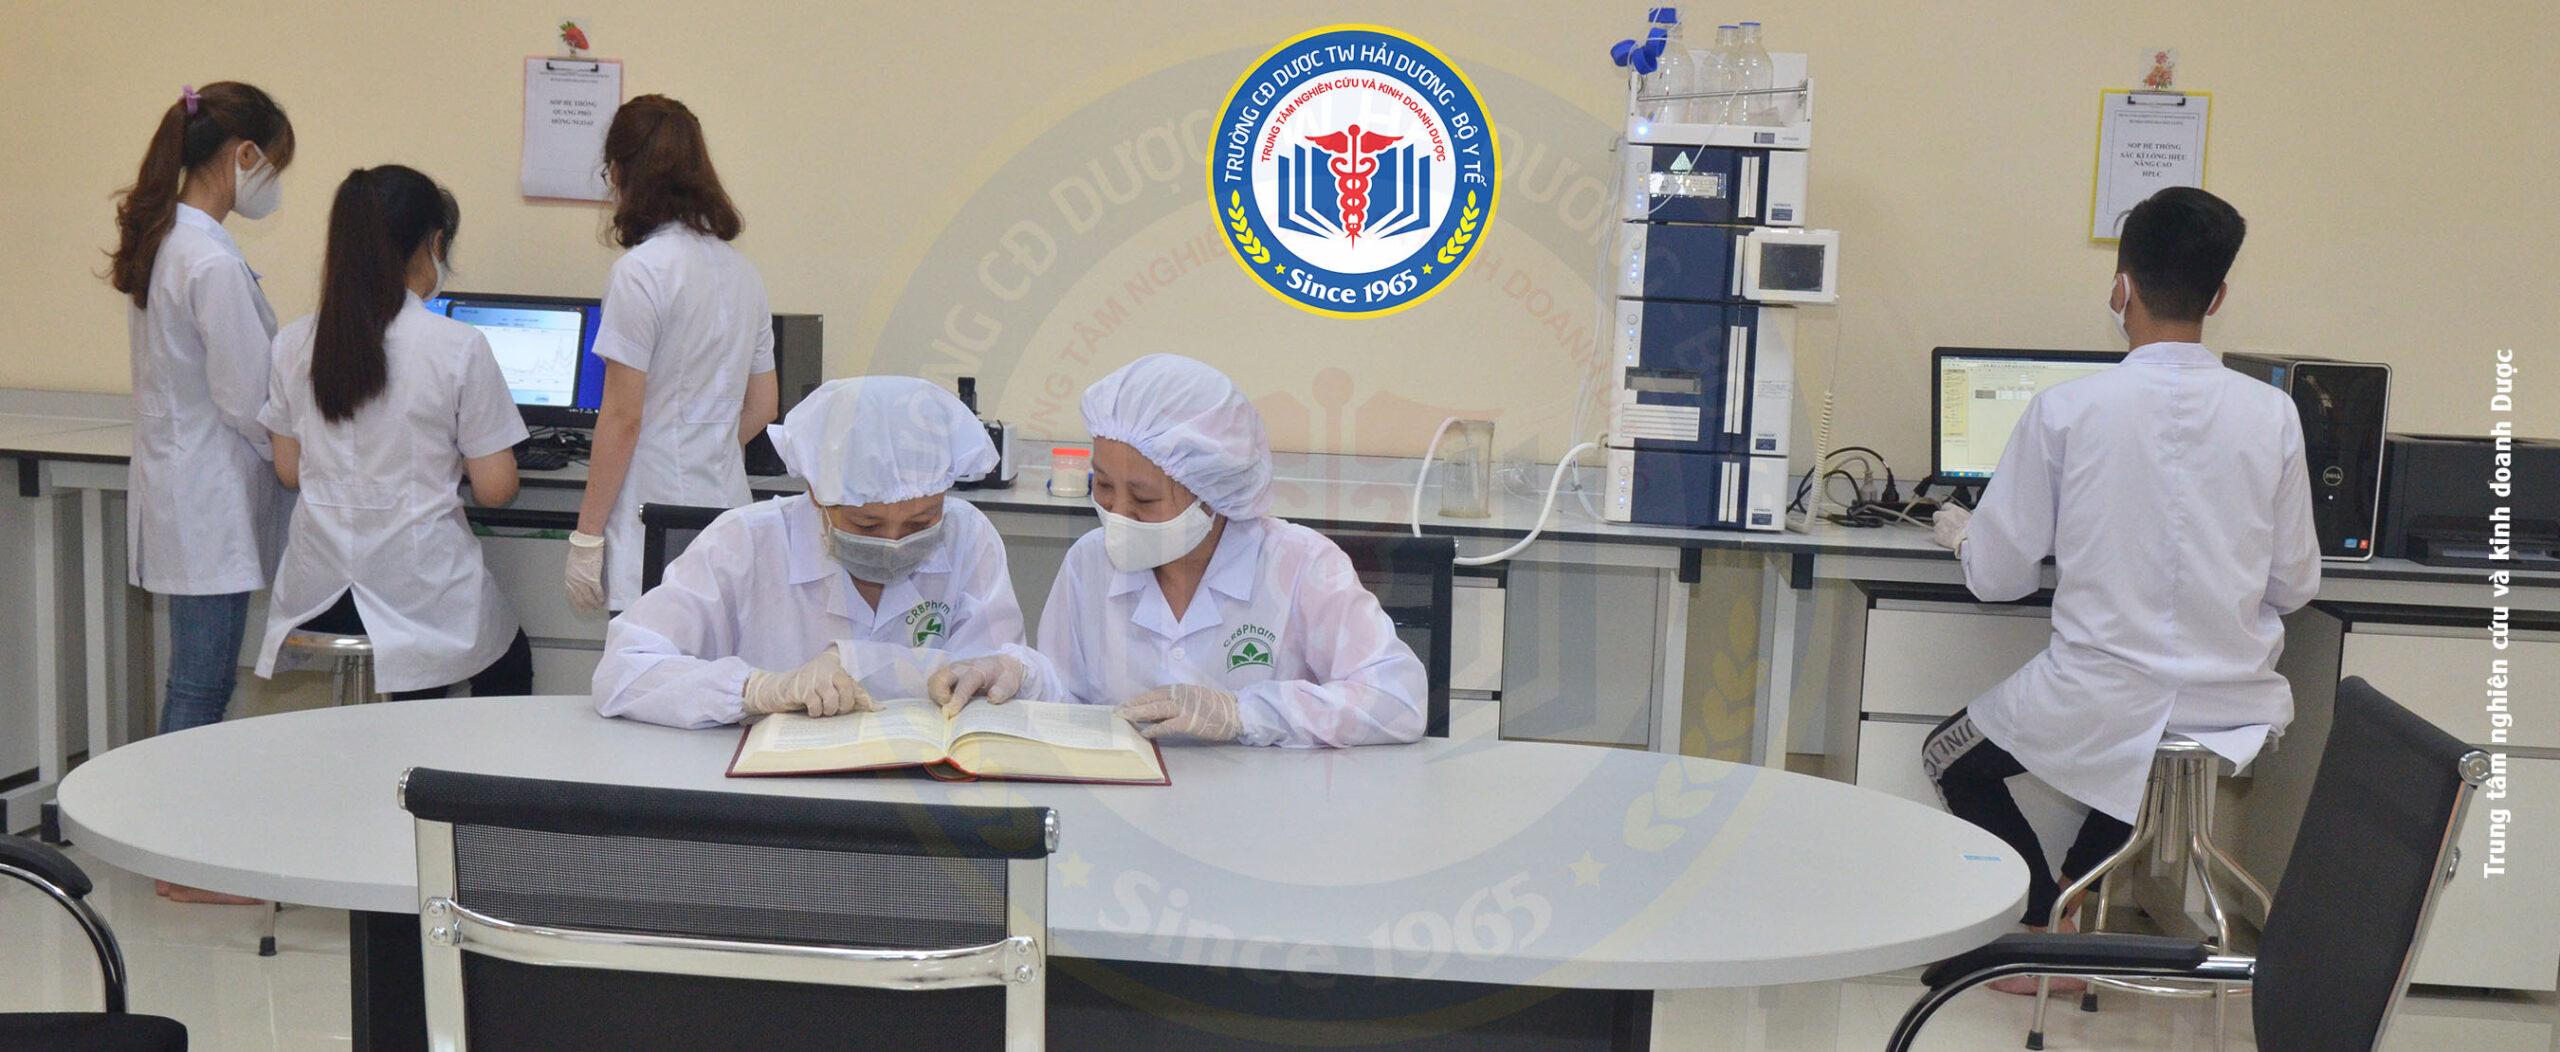 Đào tạo kỹ năng GPs (GMP, GLP, GSP) cho sinh viên